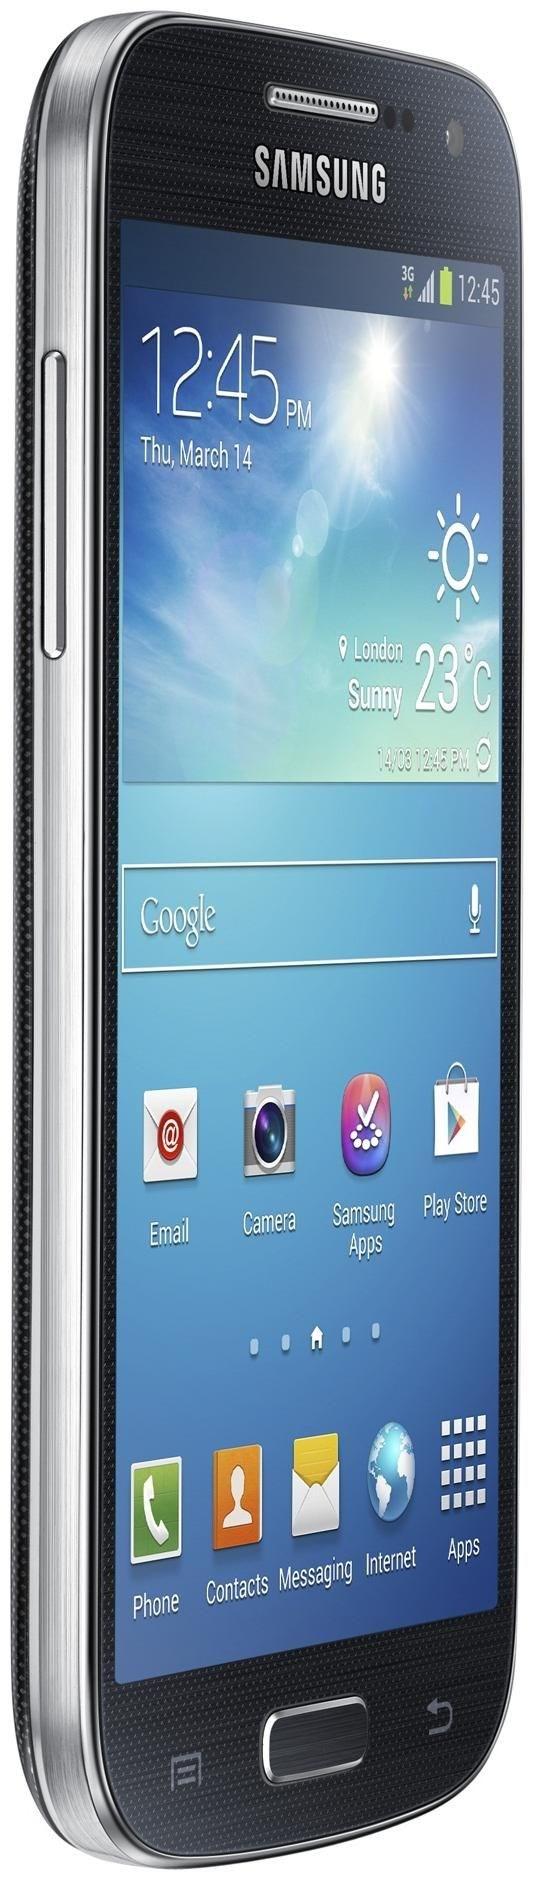 Samsung Galaxy S4 Mini i9195, 8 GB, Smartphone ohne Vertrag/SIMlock, schwarz GT-I9195ZKADBT